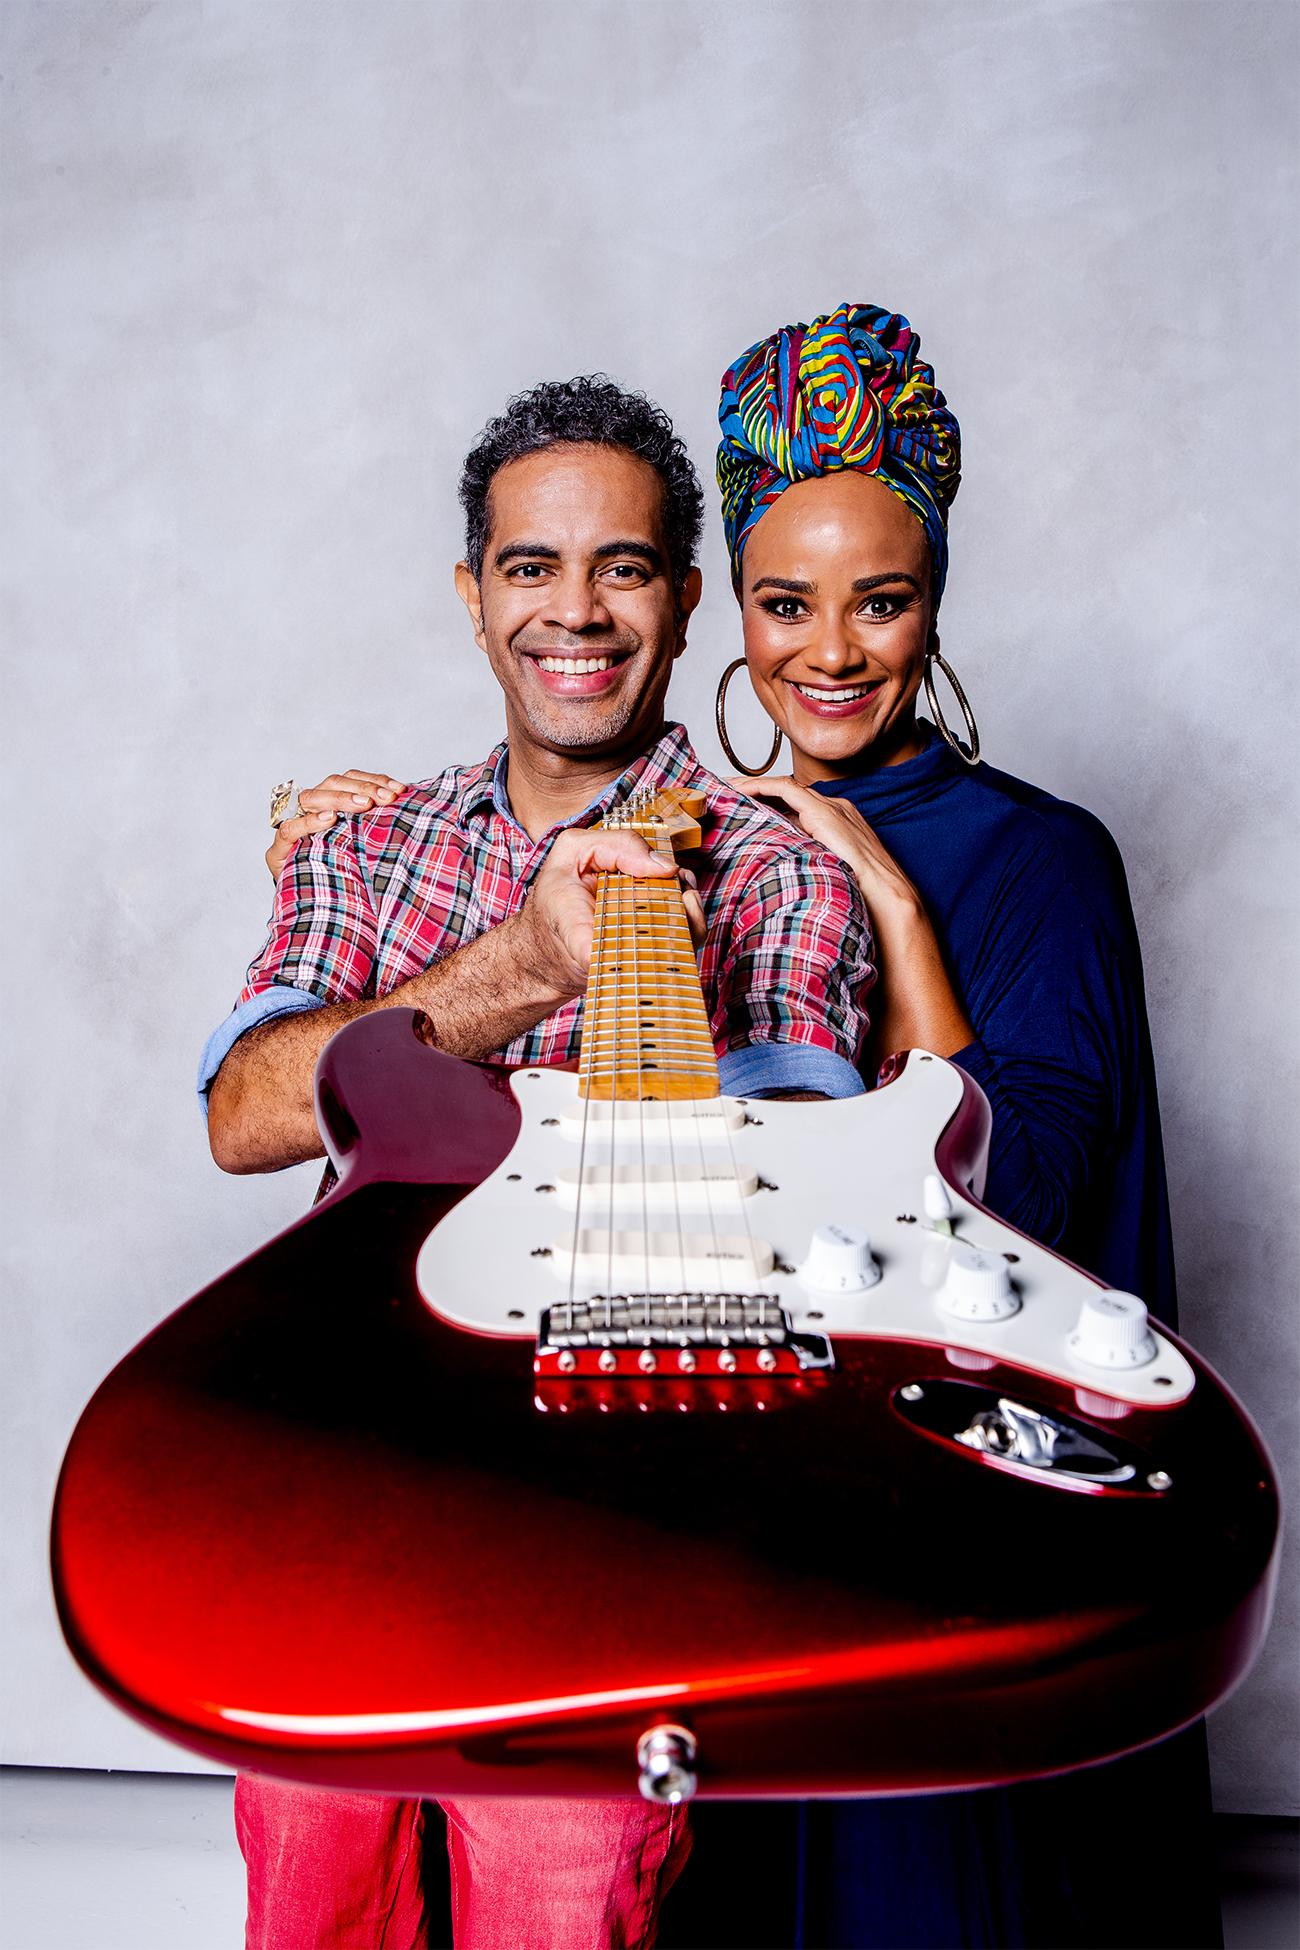 Jair Oliveira e Luciana Mello fazem shows em São Paulo para homenagear 80 anos de nascimento de Jair Rodrigues